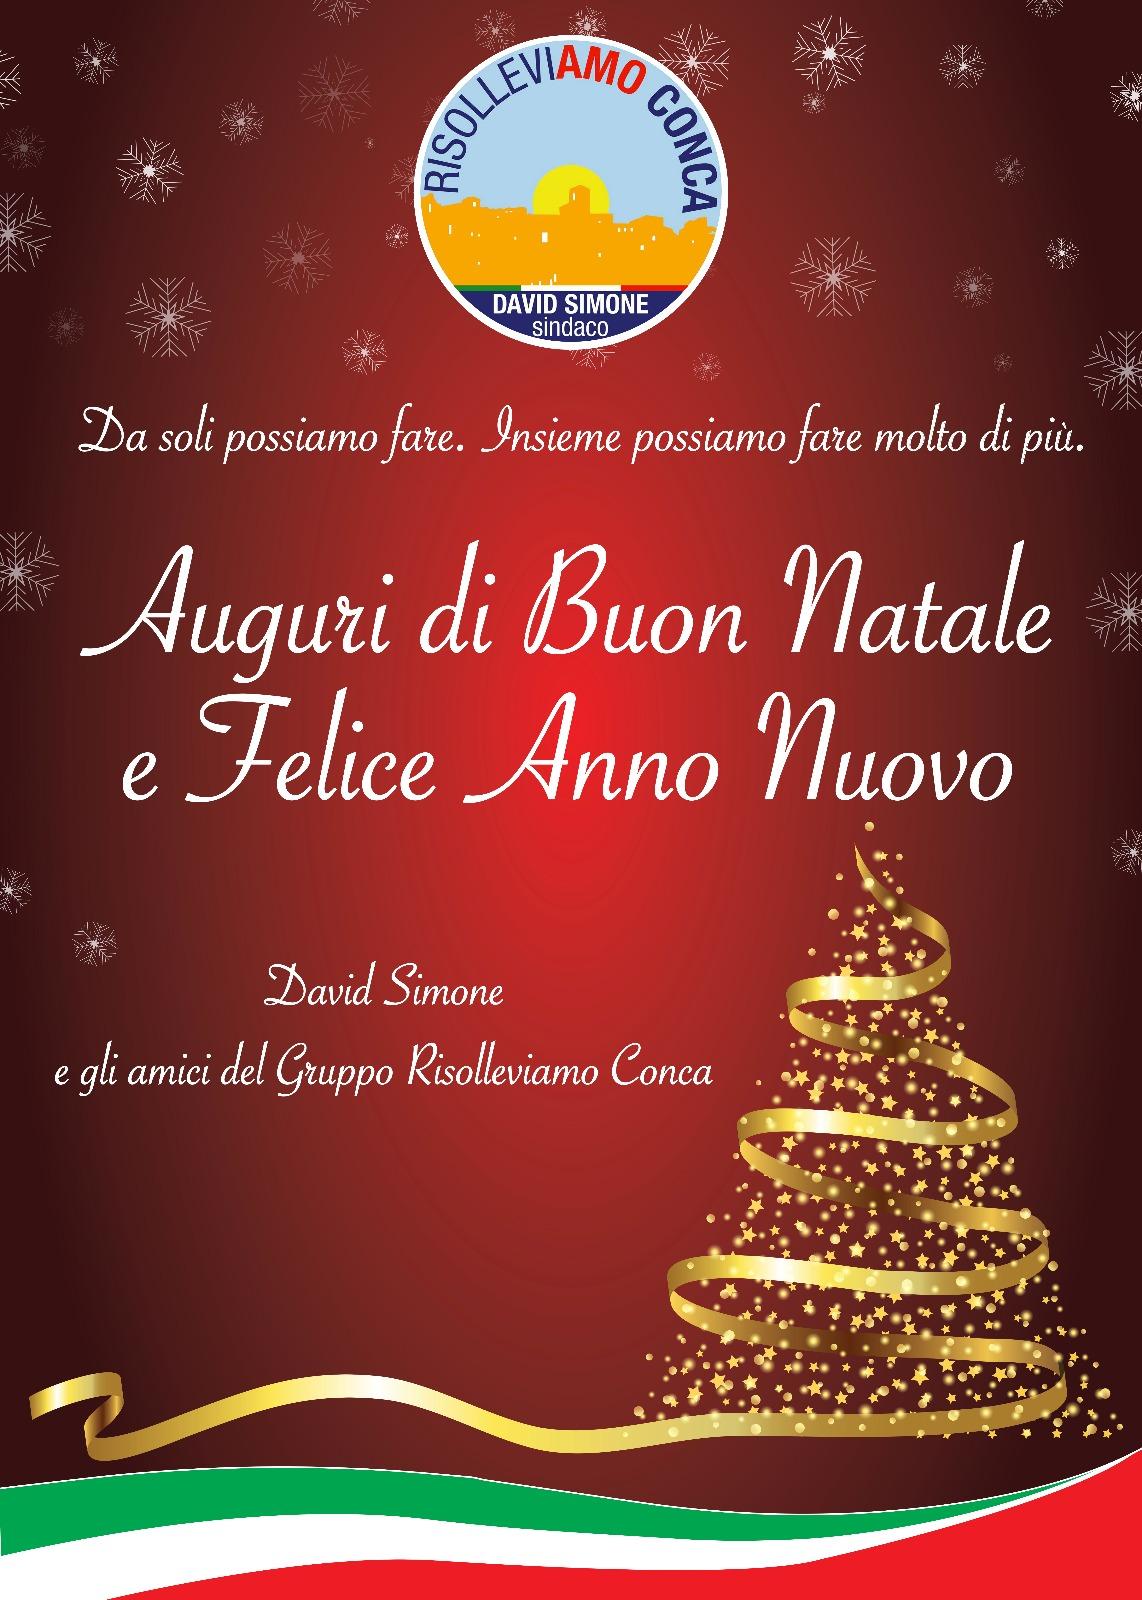 Auguri Di Buon Natale E Buon Anno.Auguri Di Buon Natale E Felice Anno Nuovo Risolleviamo Conca